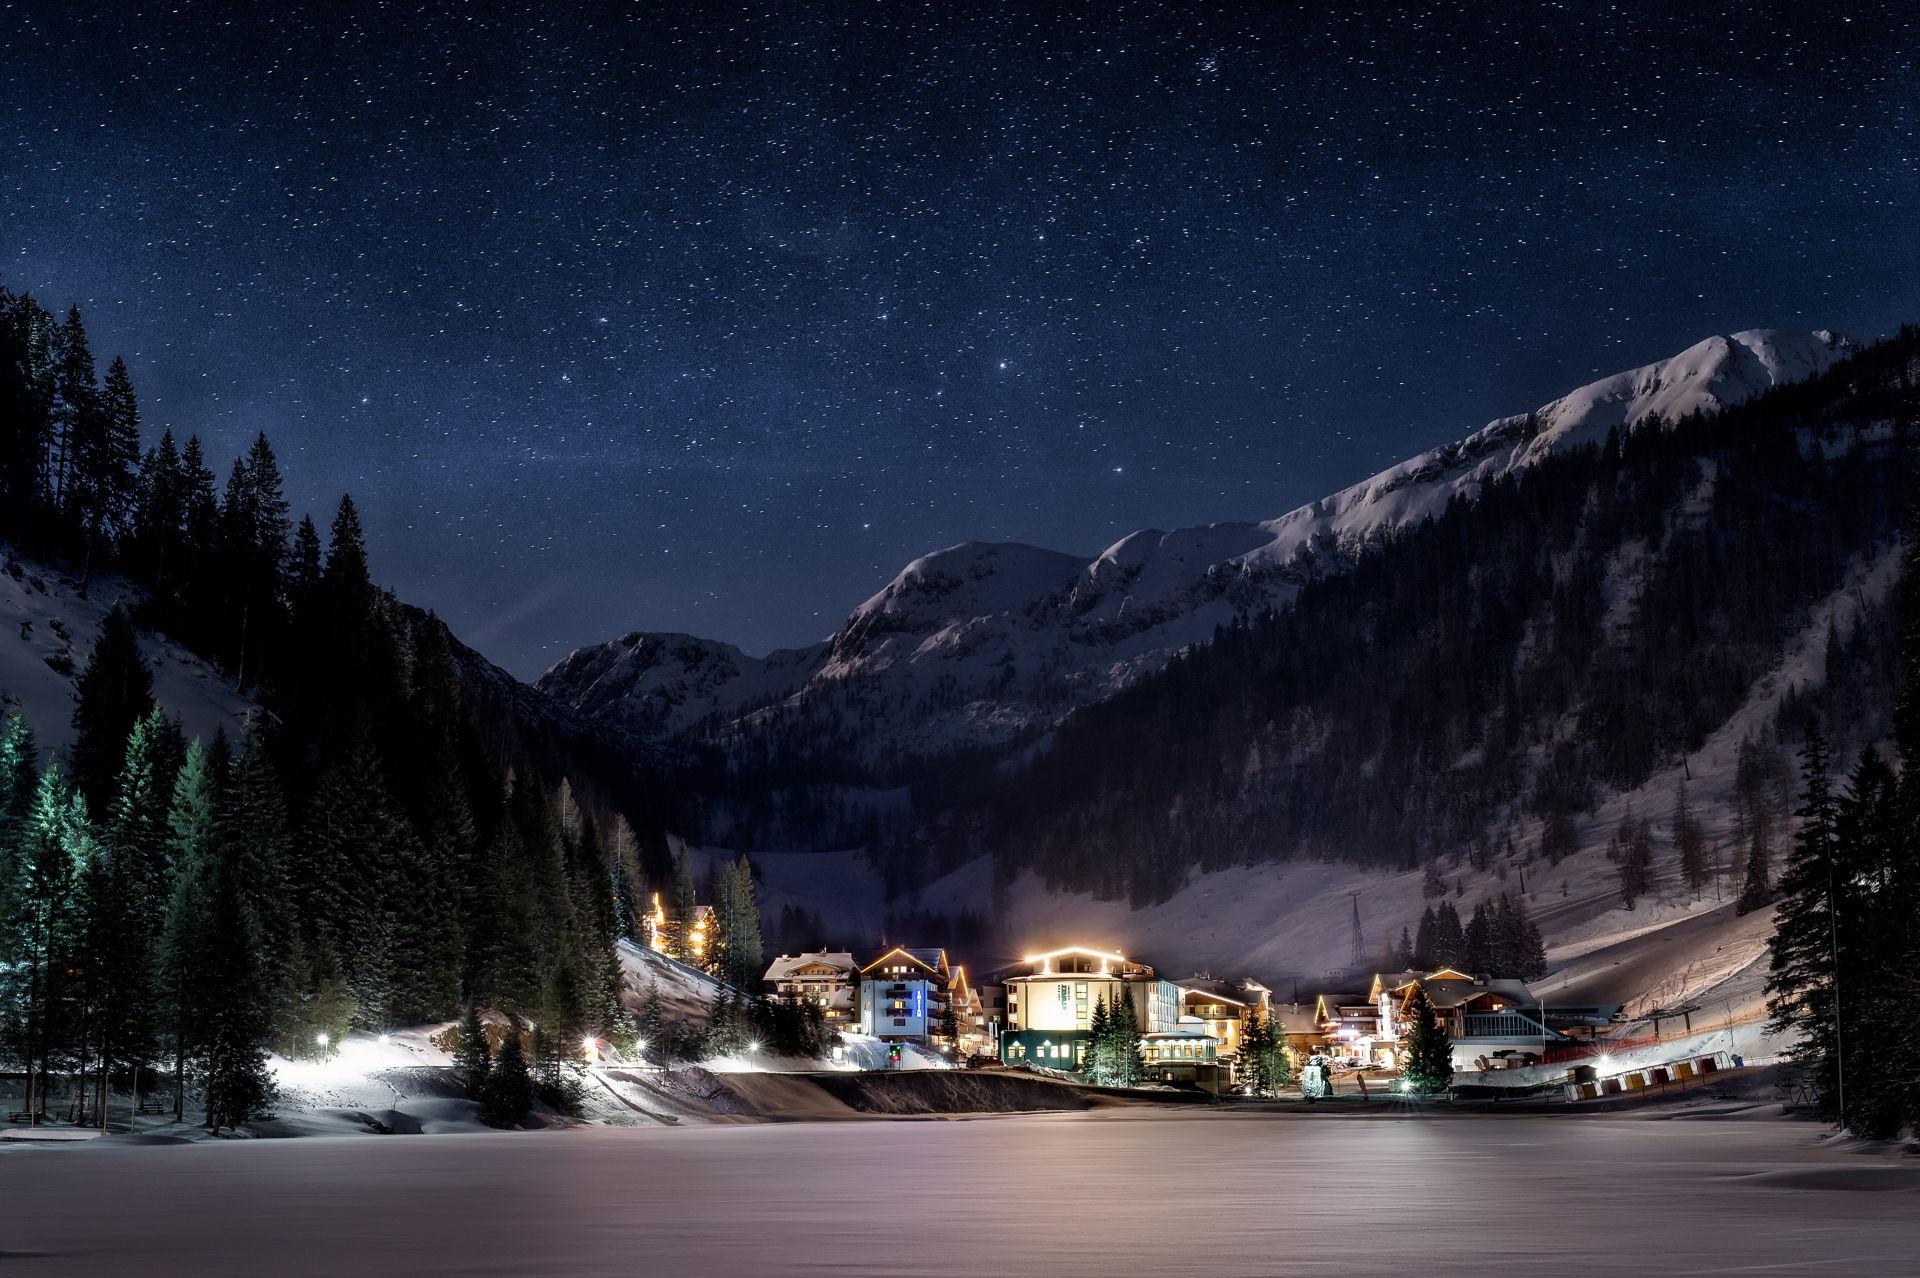 stimmungsvolle Weihnachtszeit im SalzburgerLand beim Bergsee.Advent